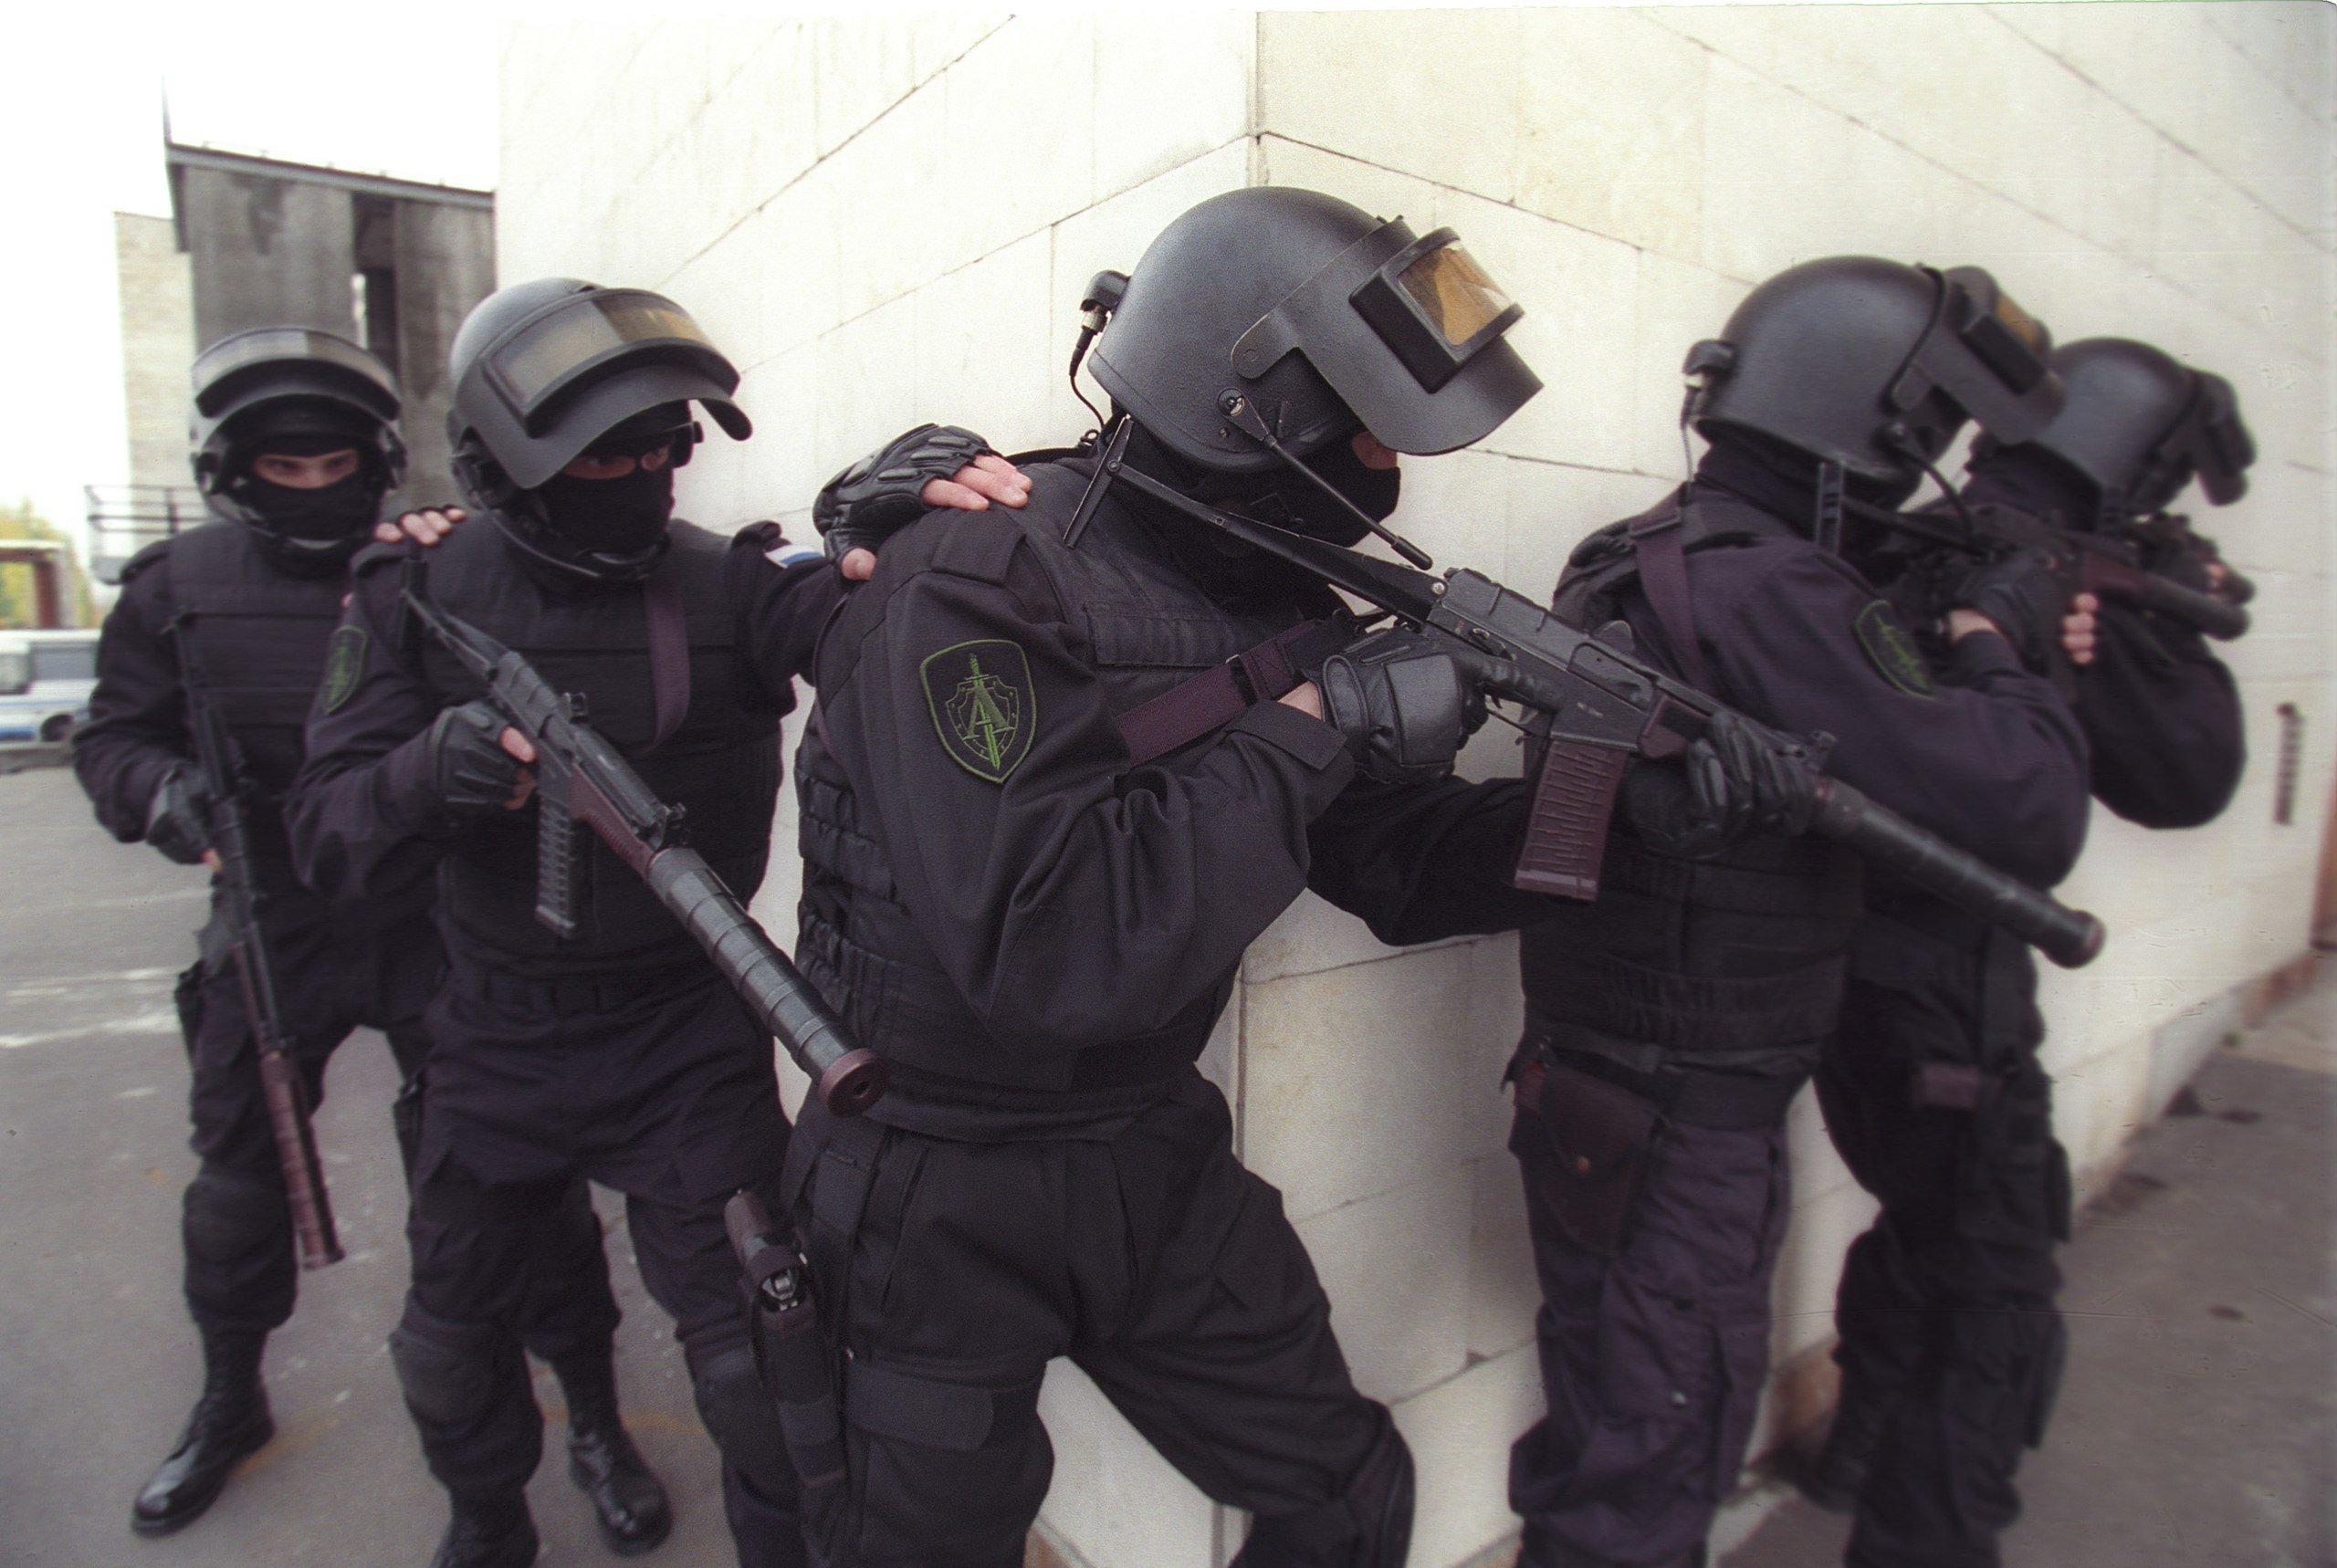 Alpha ou groupe A est une unité d'élite menant des opérations spéciales pour prévenir des attentats ou encore libérer des otages